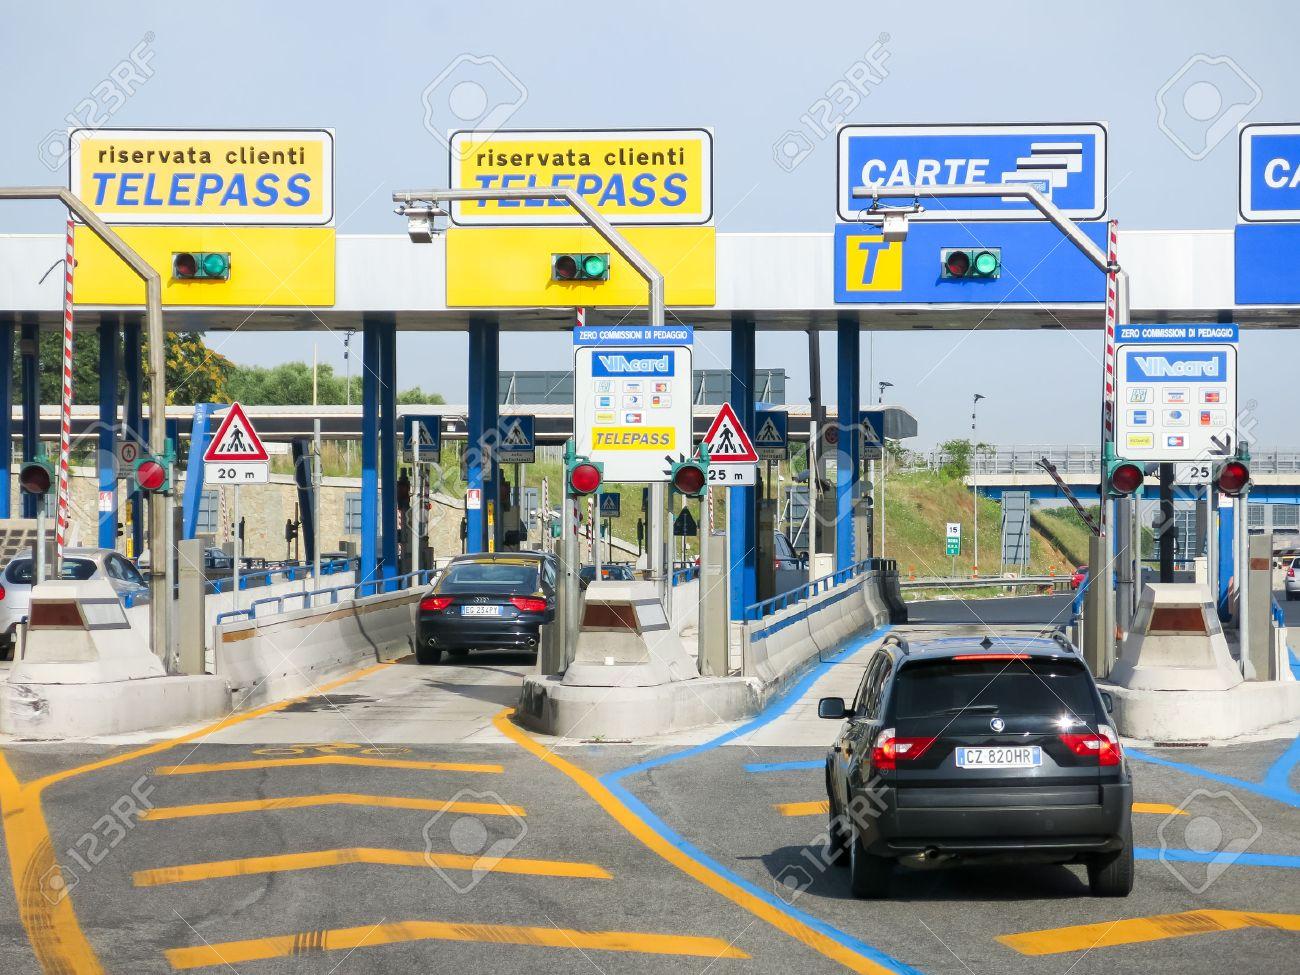 Carte American Express Peage Autoroute.Voitures A L Autoroute Autostrade Peage Autoroutier En Italie Paiement Avec Telepass Ou La Carte